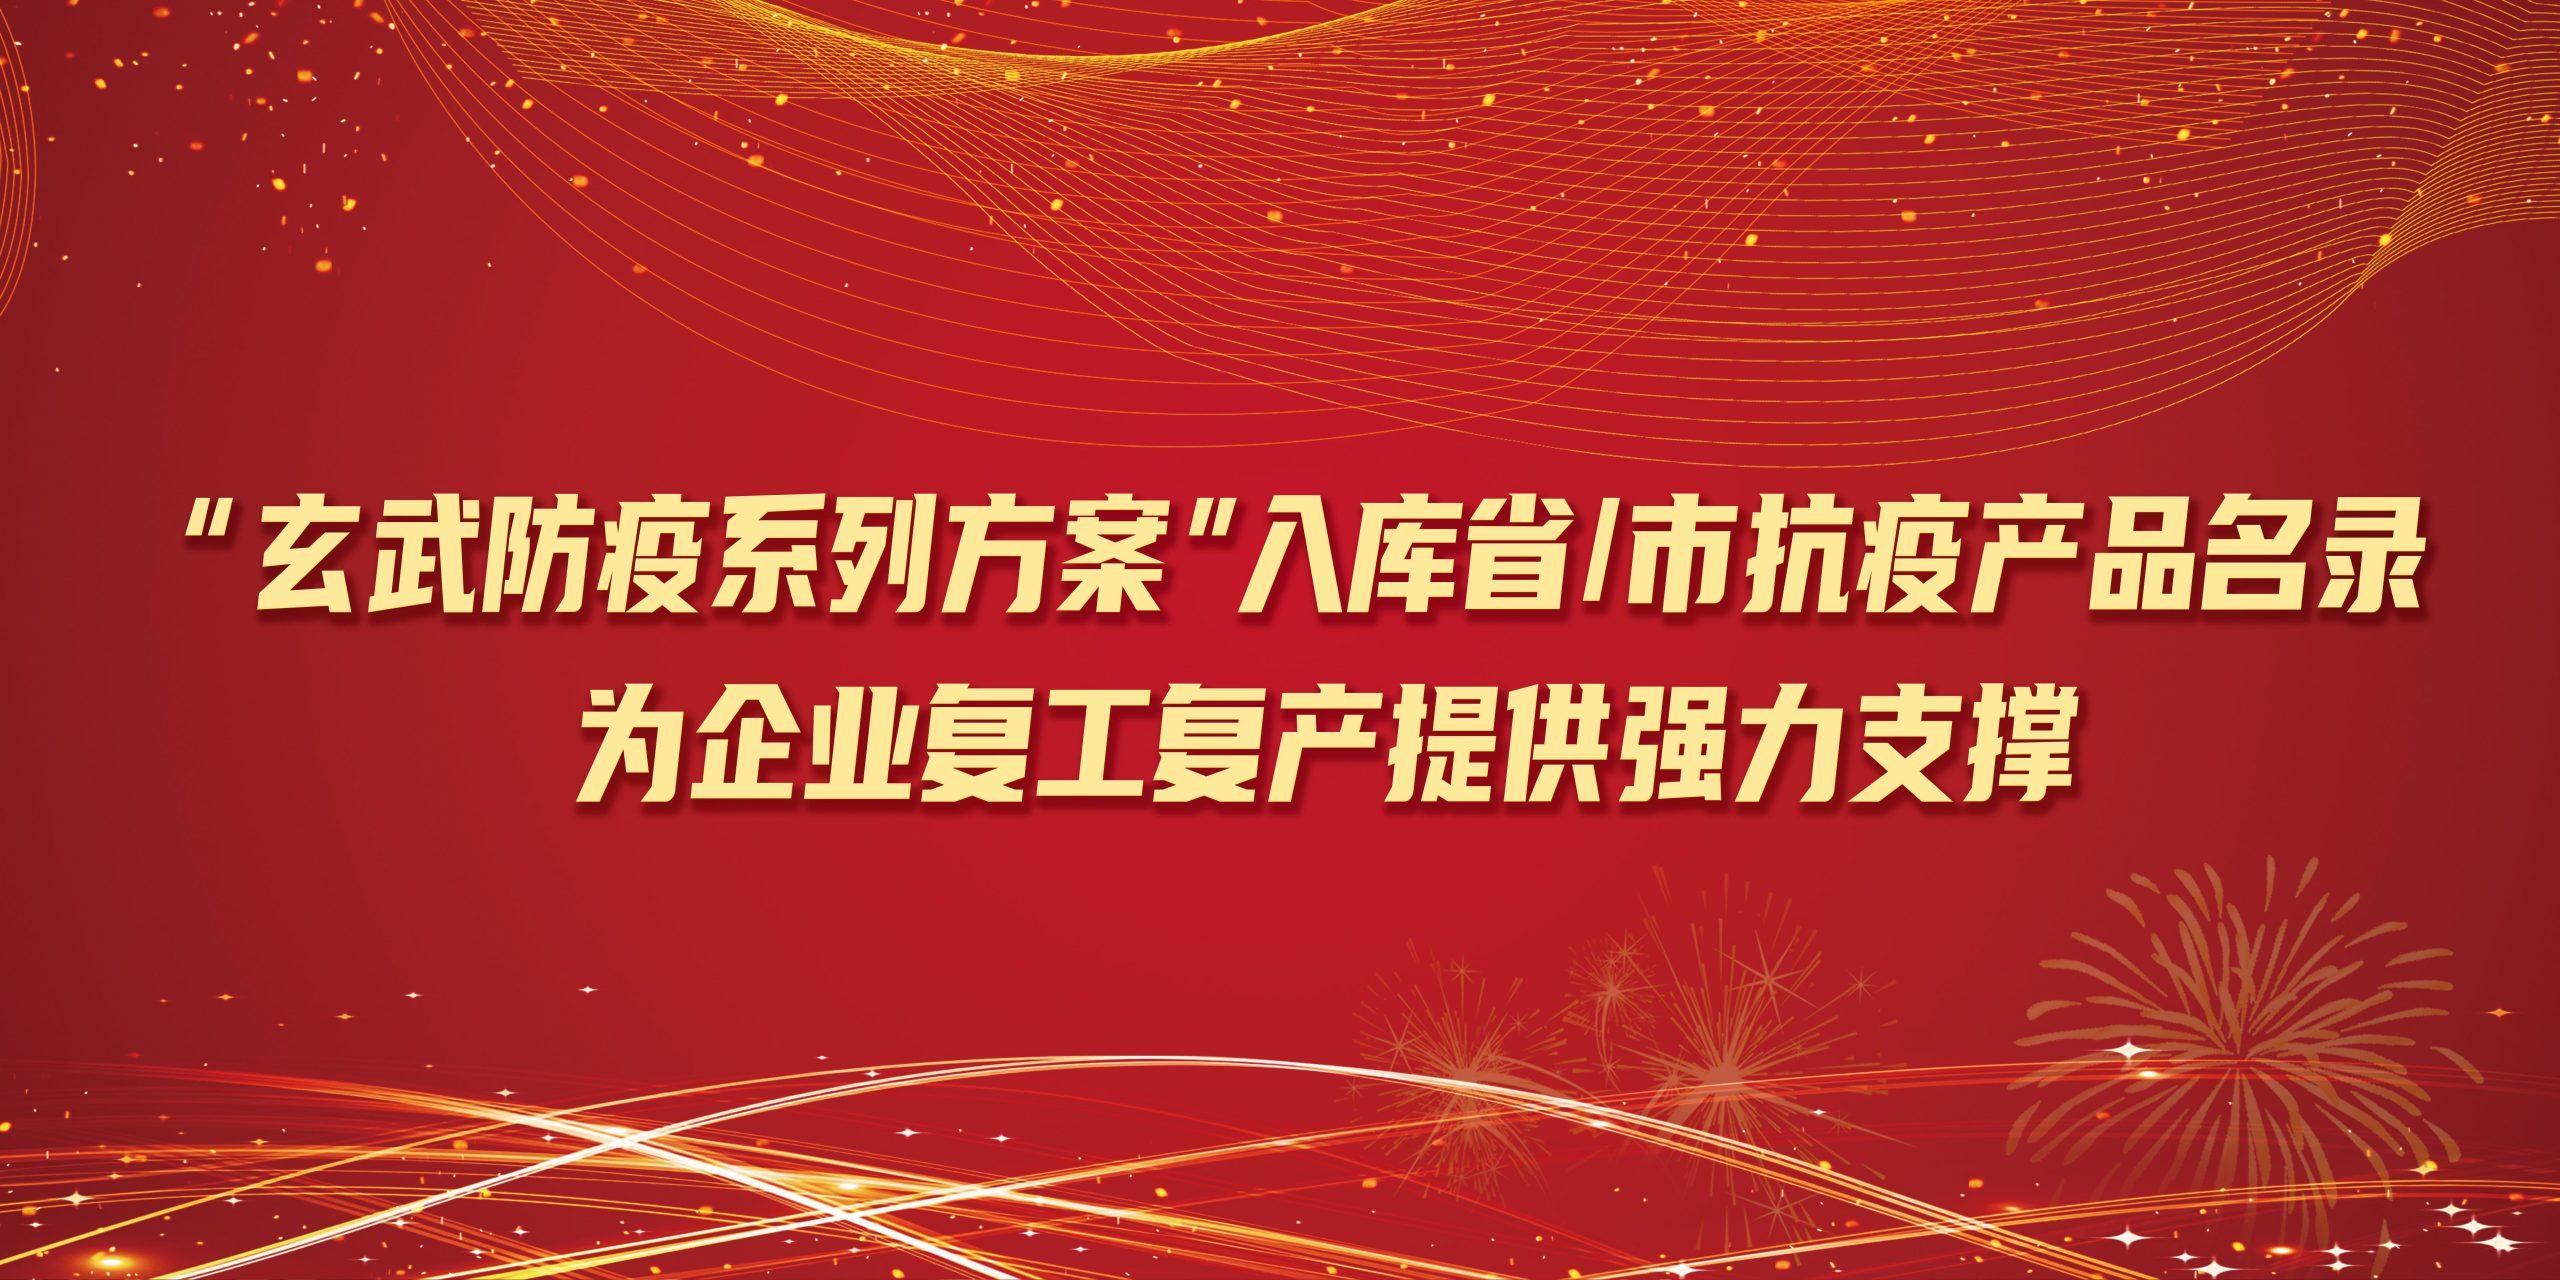 """""""玄武防疫系列方案""""入库省/市抗疫产品名录,为企业复工复产提供强力支撑"""